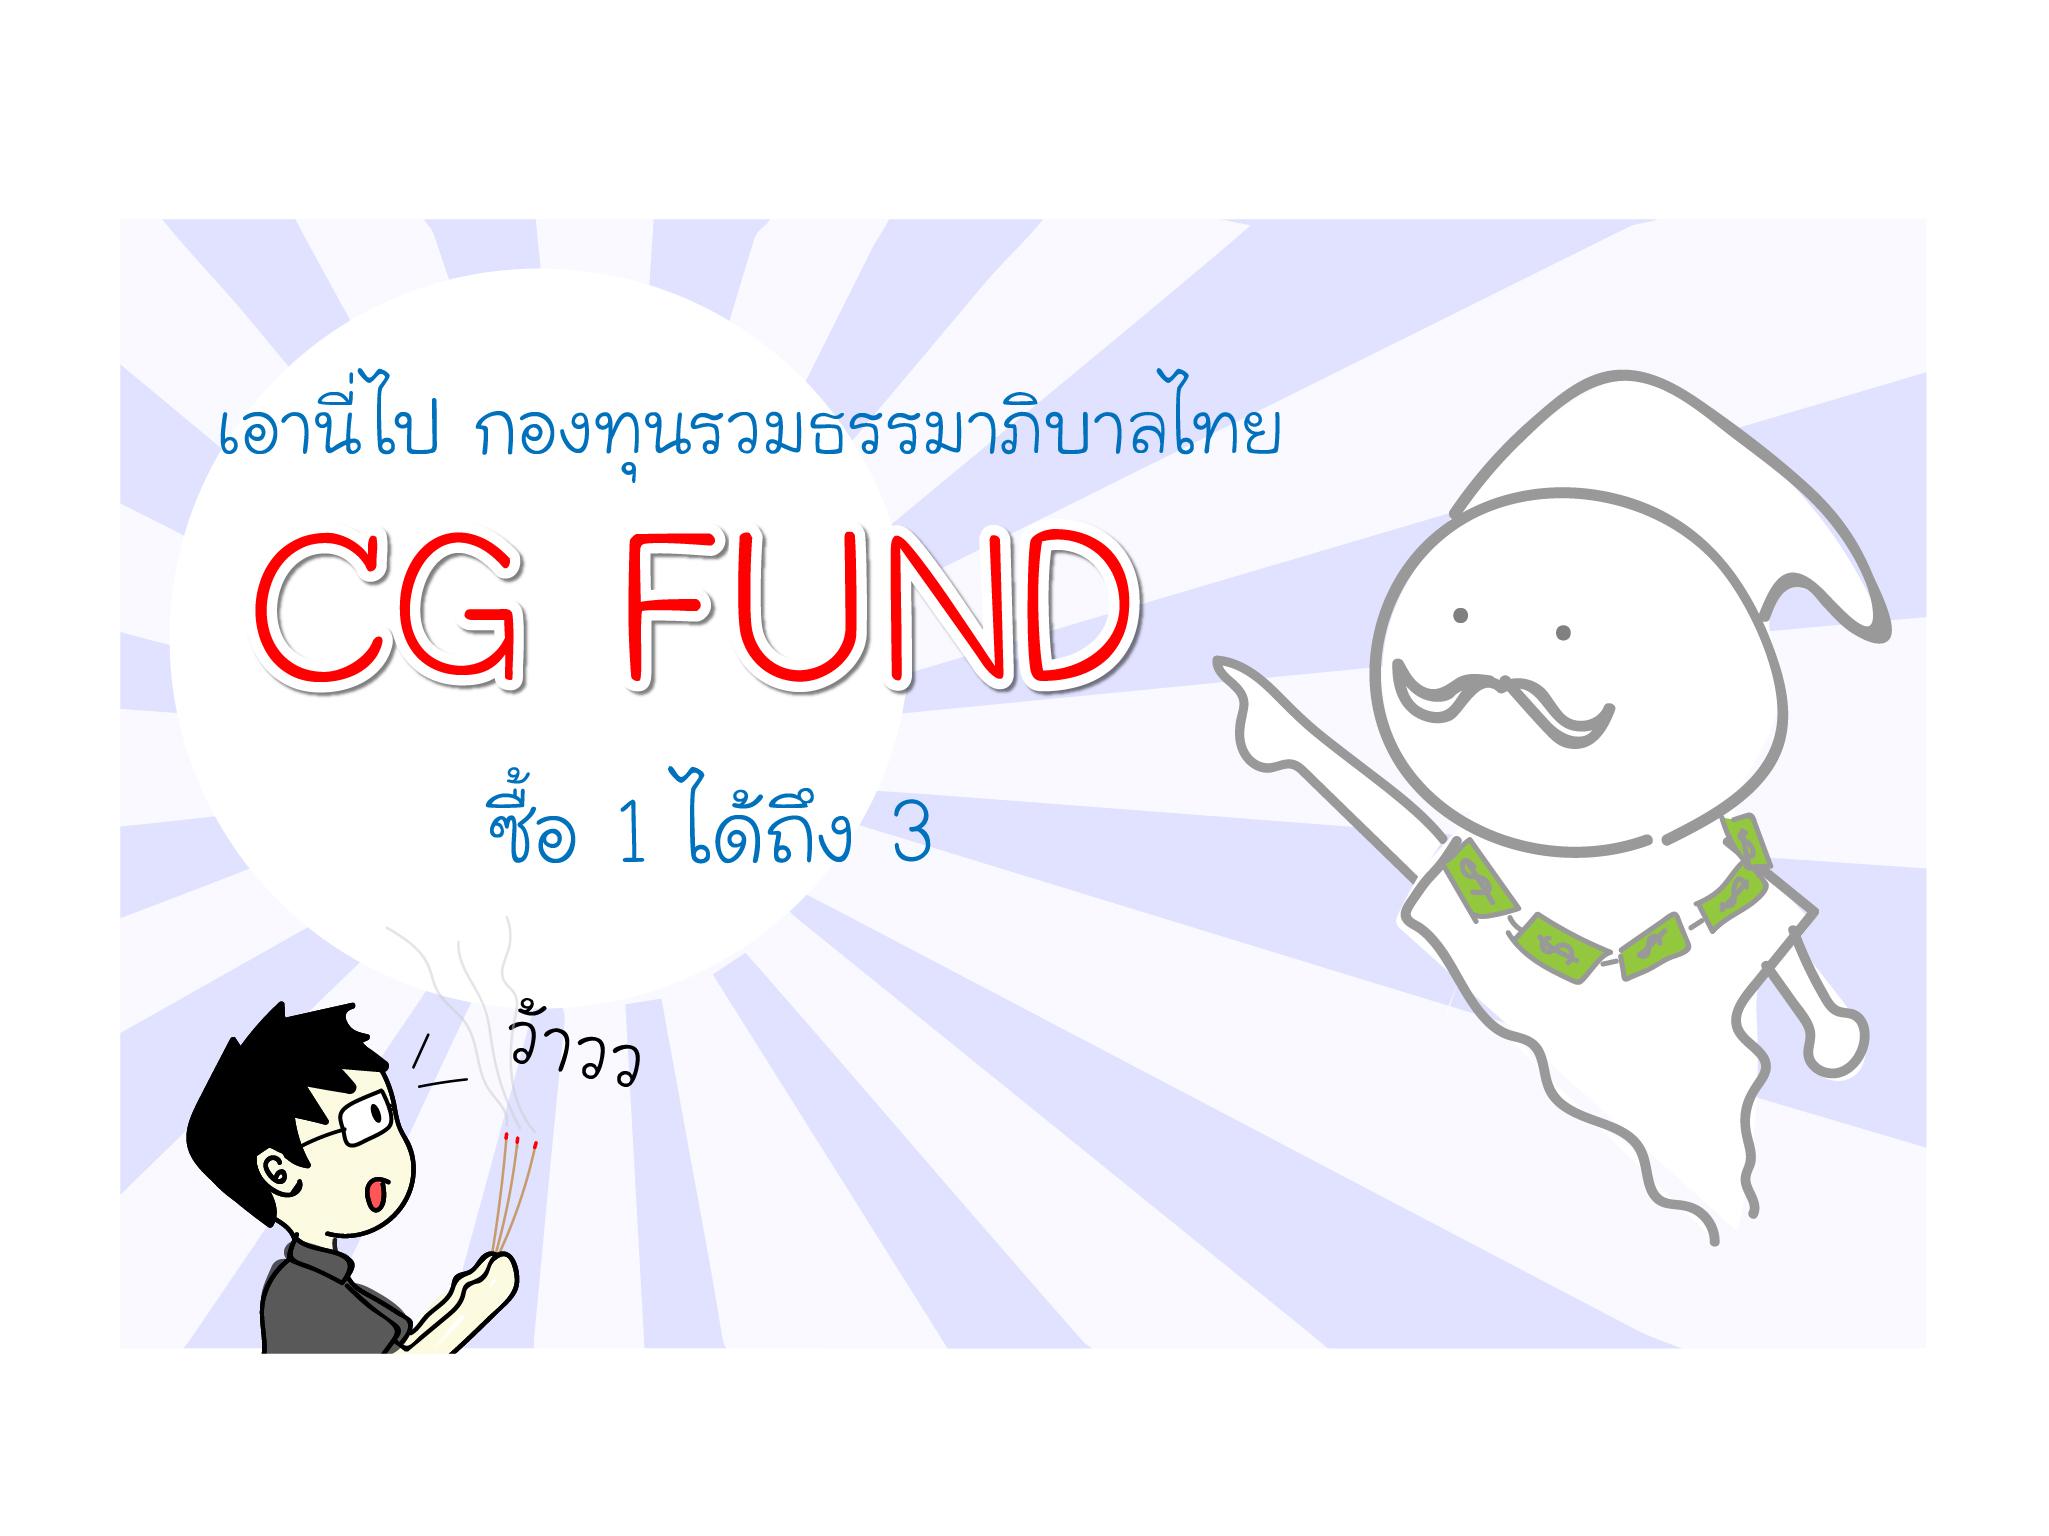 ศาลเจ้าพ่อลงทุน - CG Fund_Artboard 1 copy 3